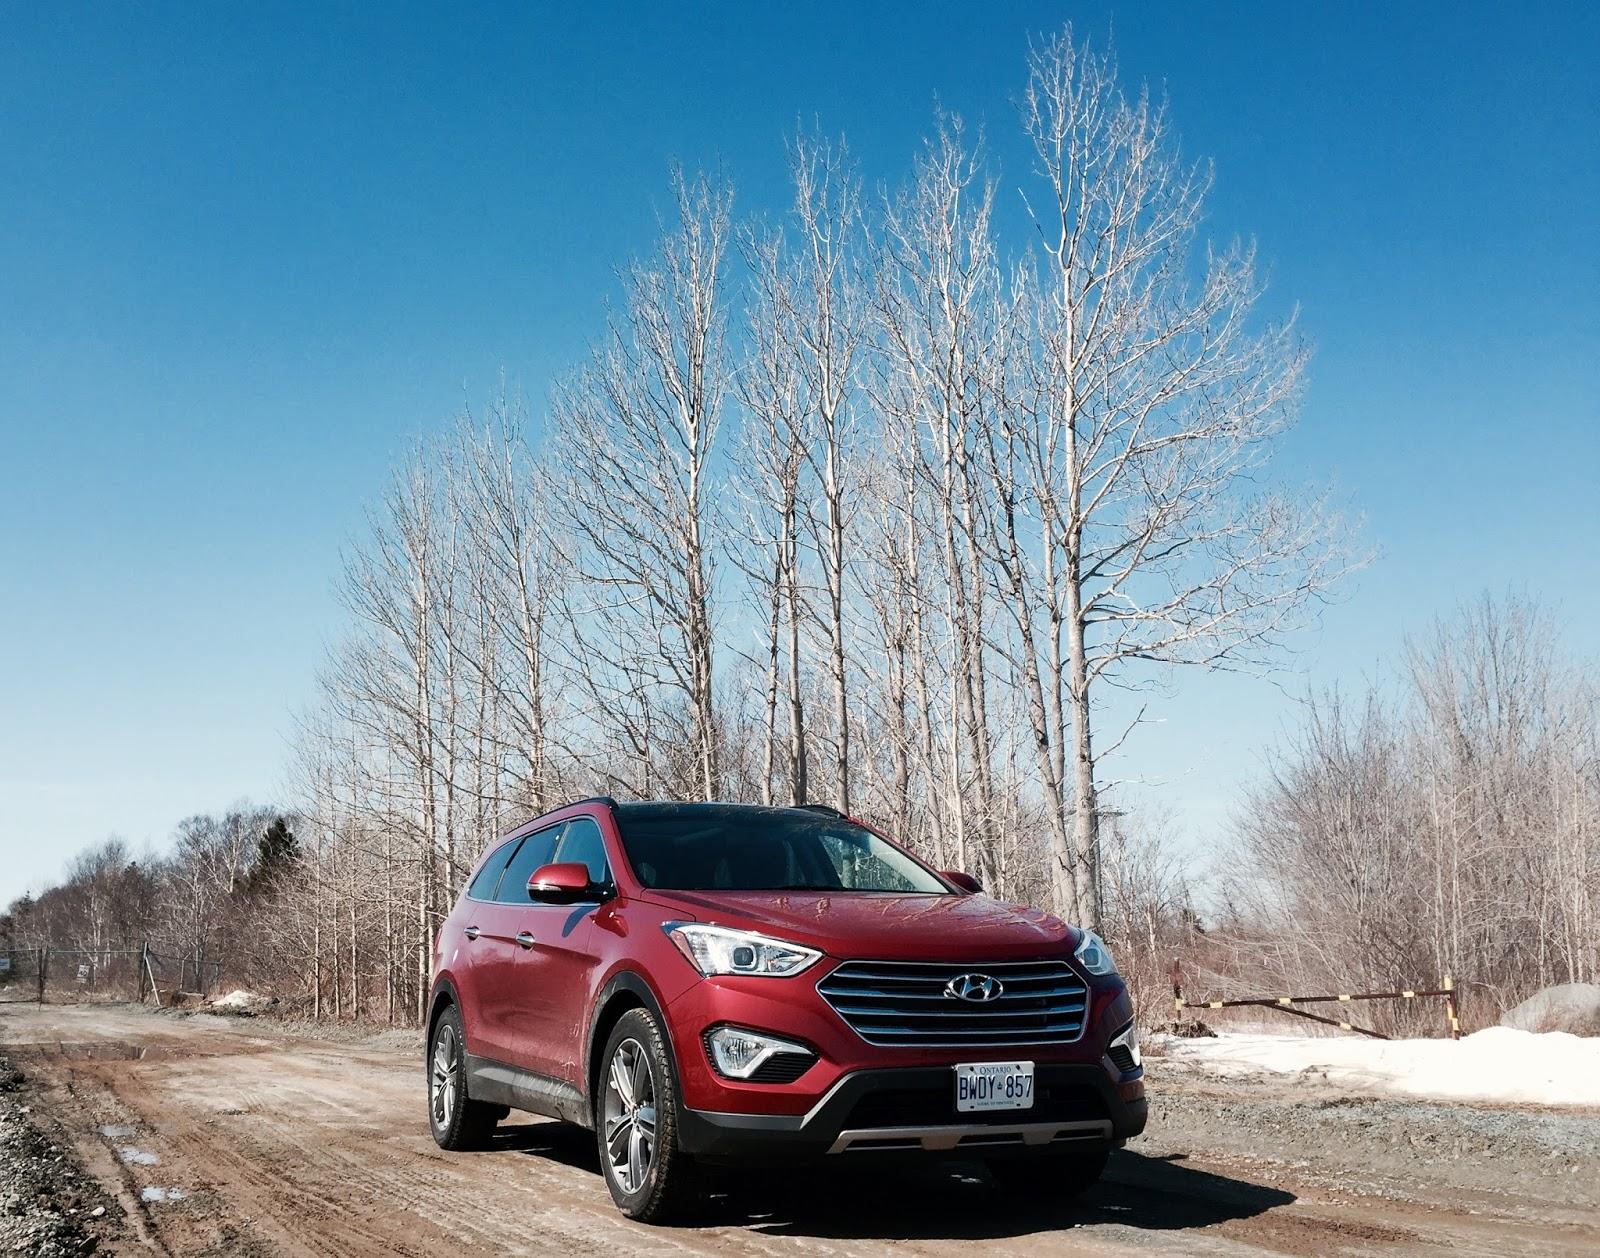 2015 Hyundai Santa Fe XL Limited front